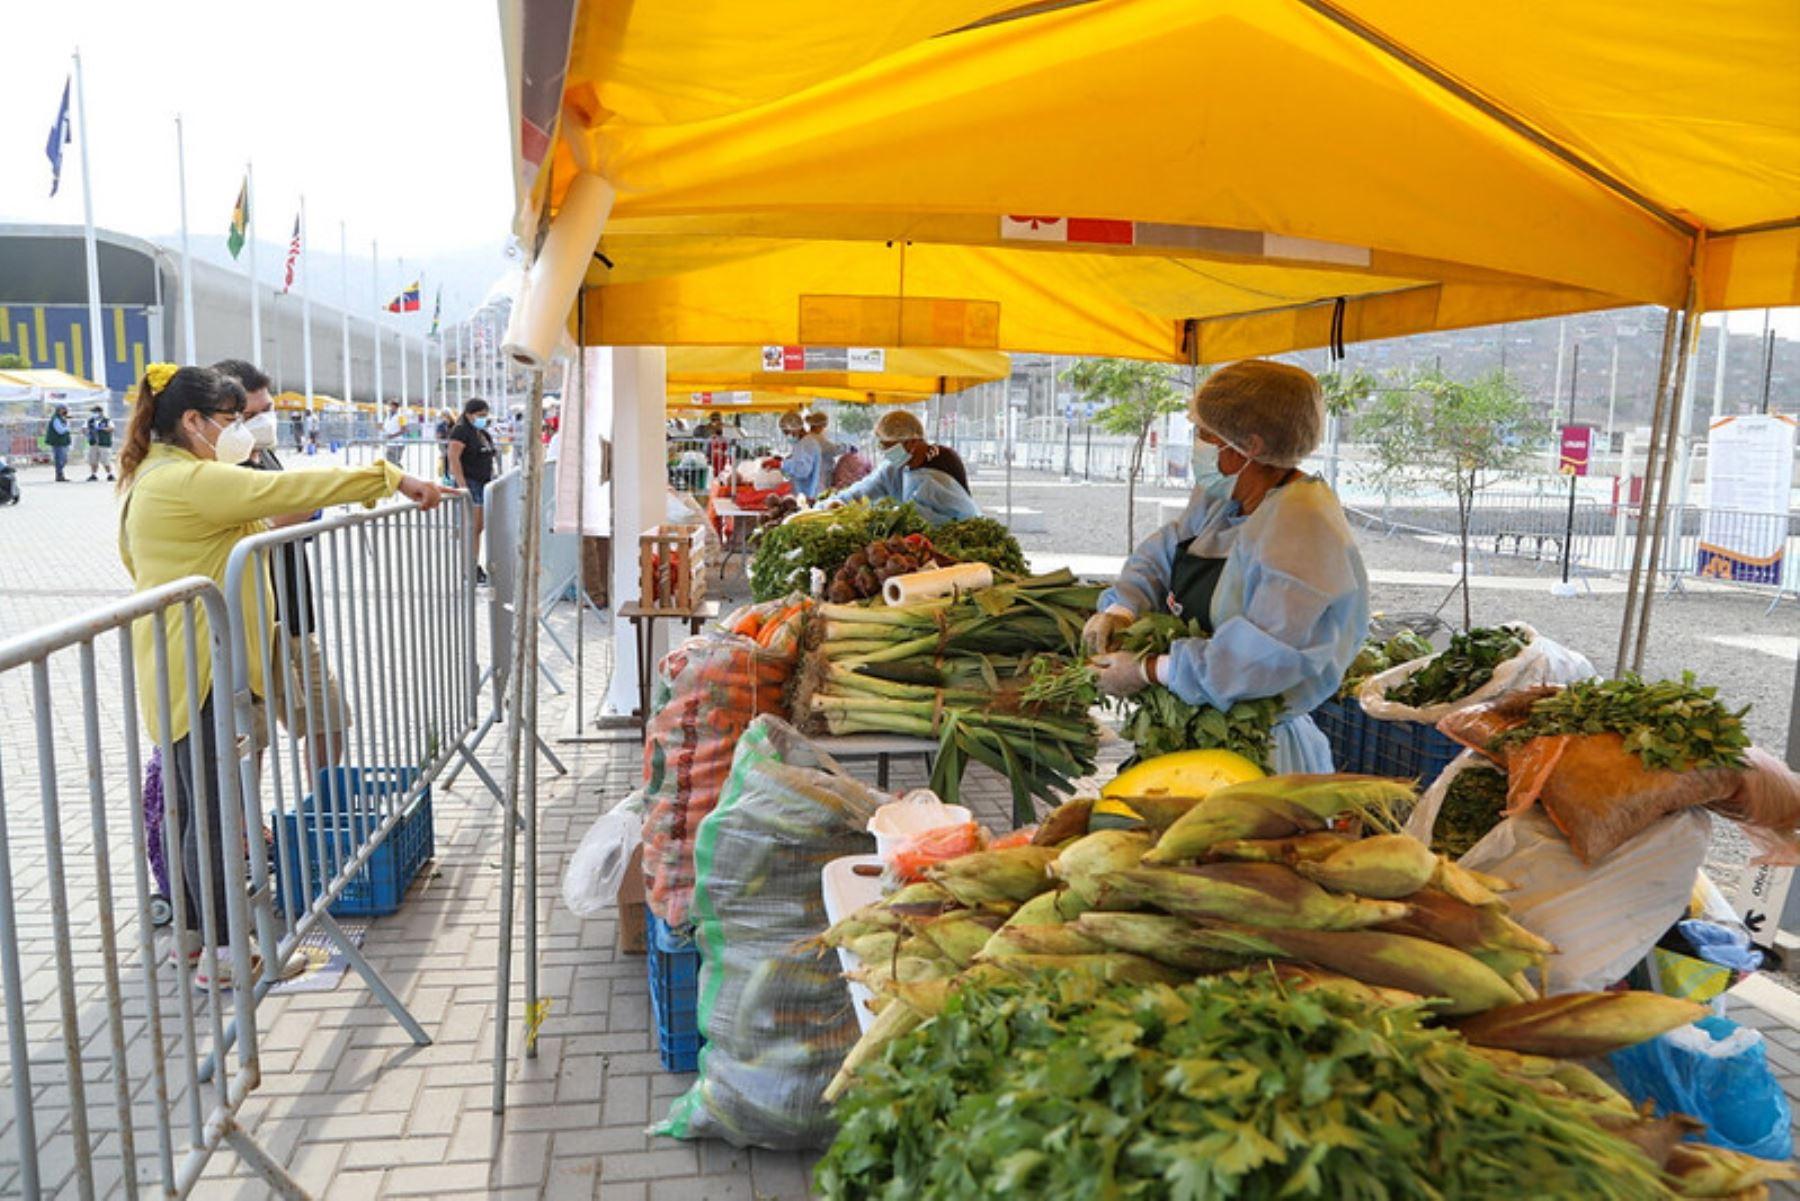 alimentos-de-calidad-e-inocuos-aqui-estaran-los-mercados-de-la-chacra-a-la-olla